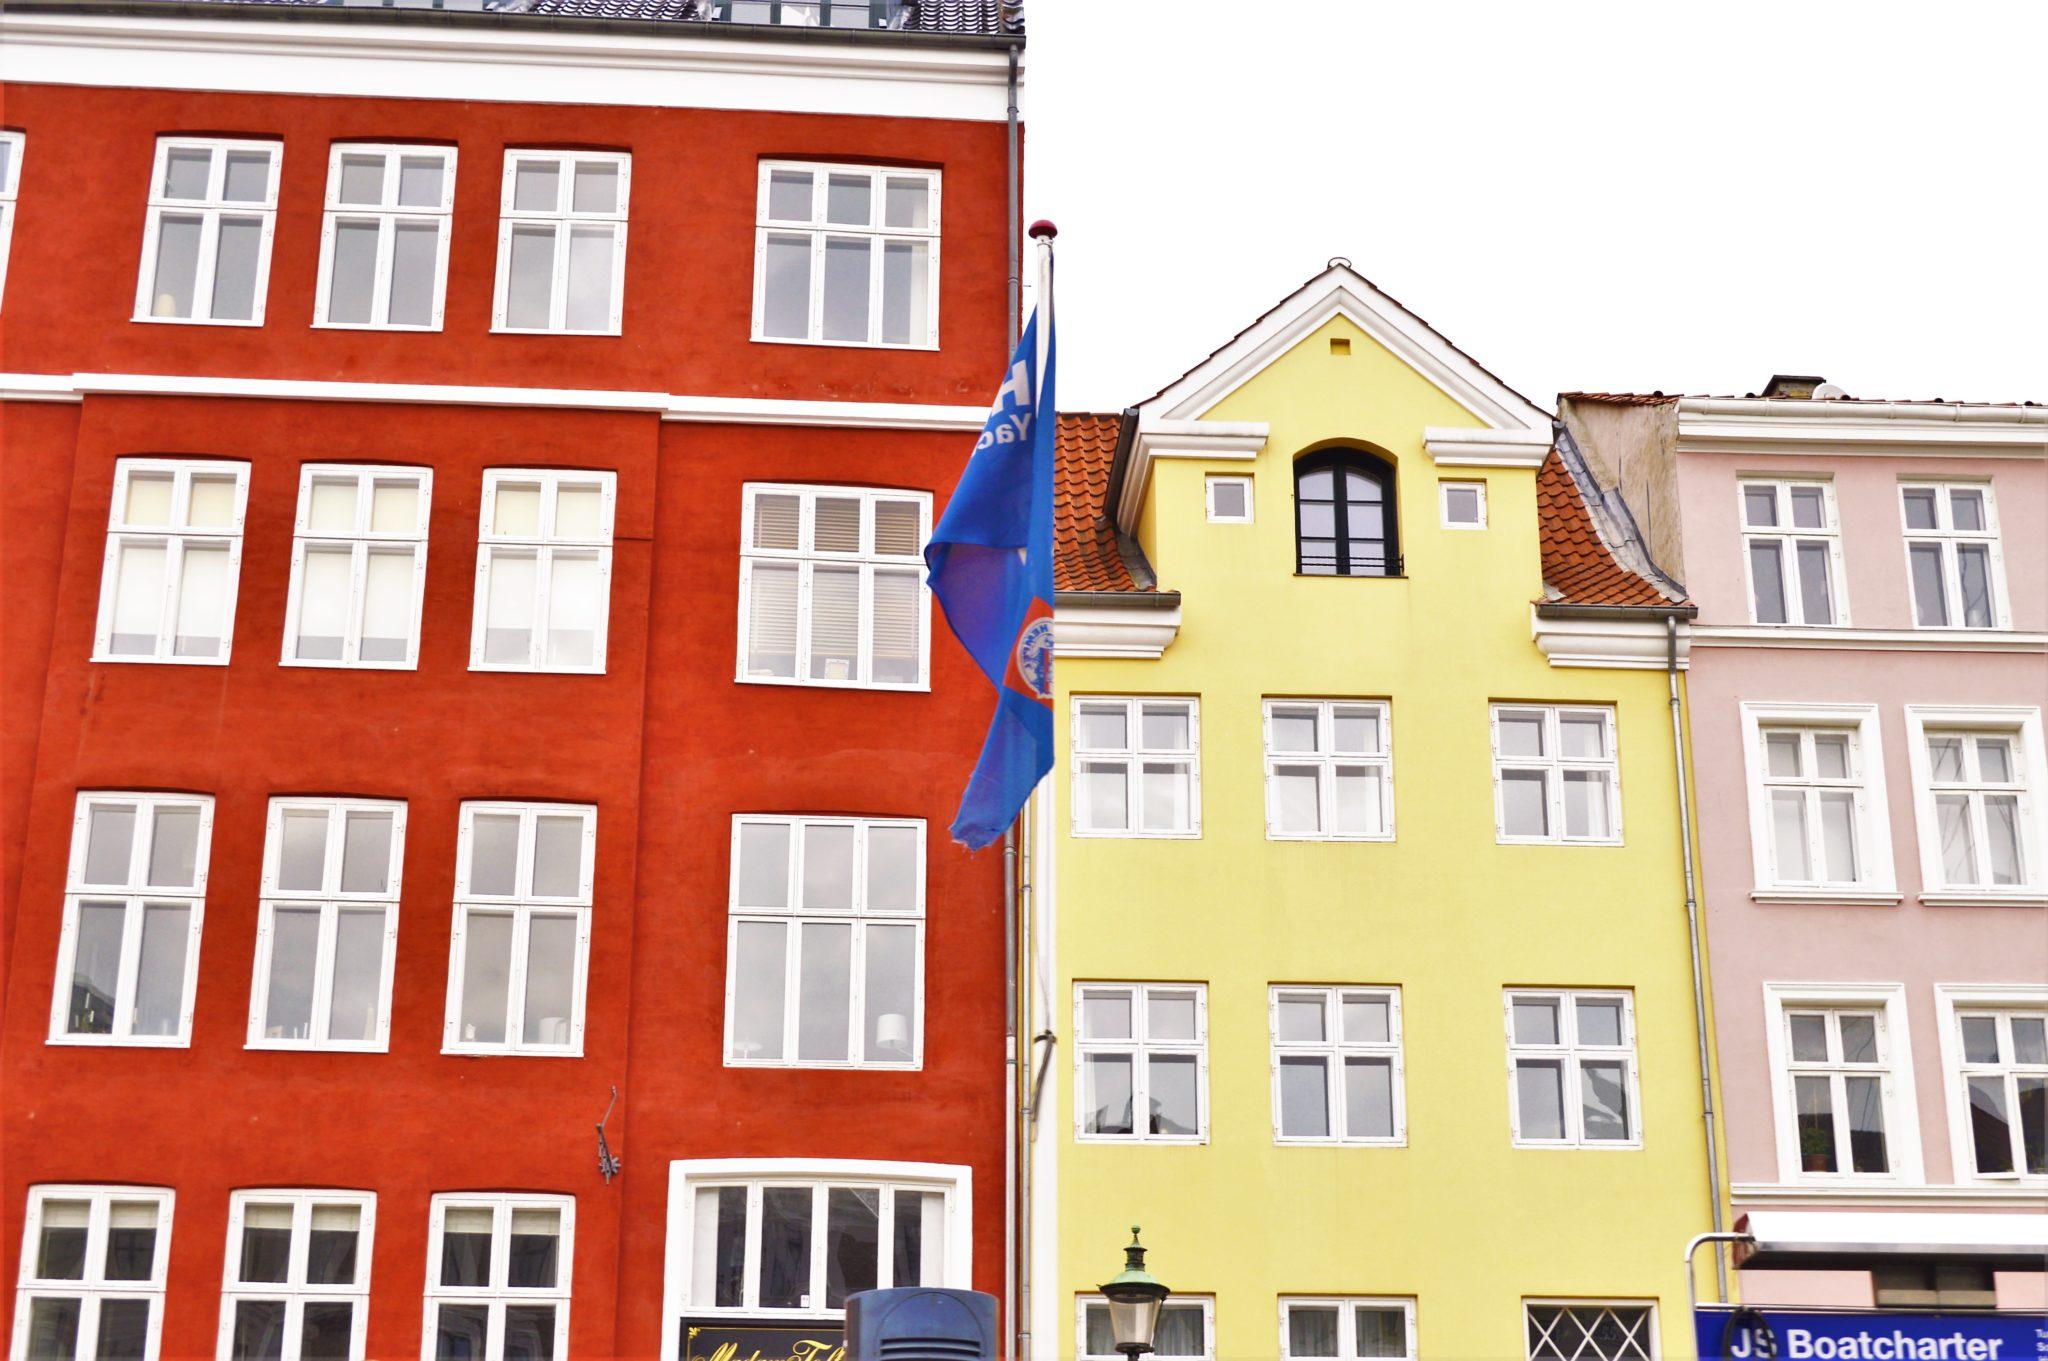 Yellow house Nyhavn, Hans Christian Andersen's house, Copenhagen, Denmark